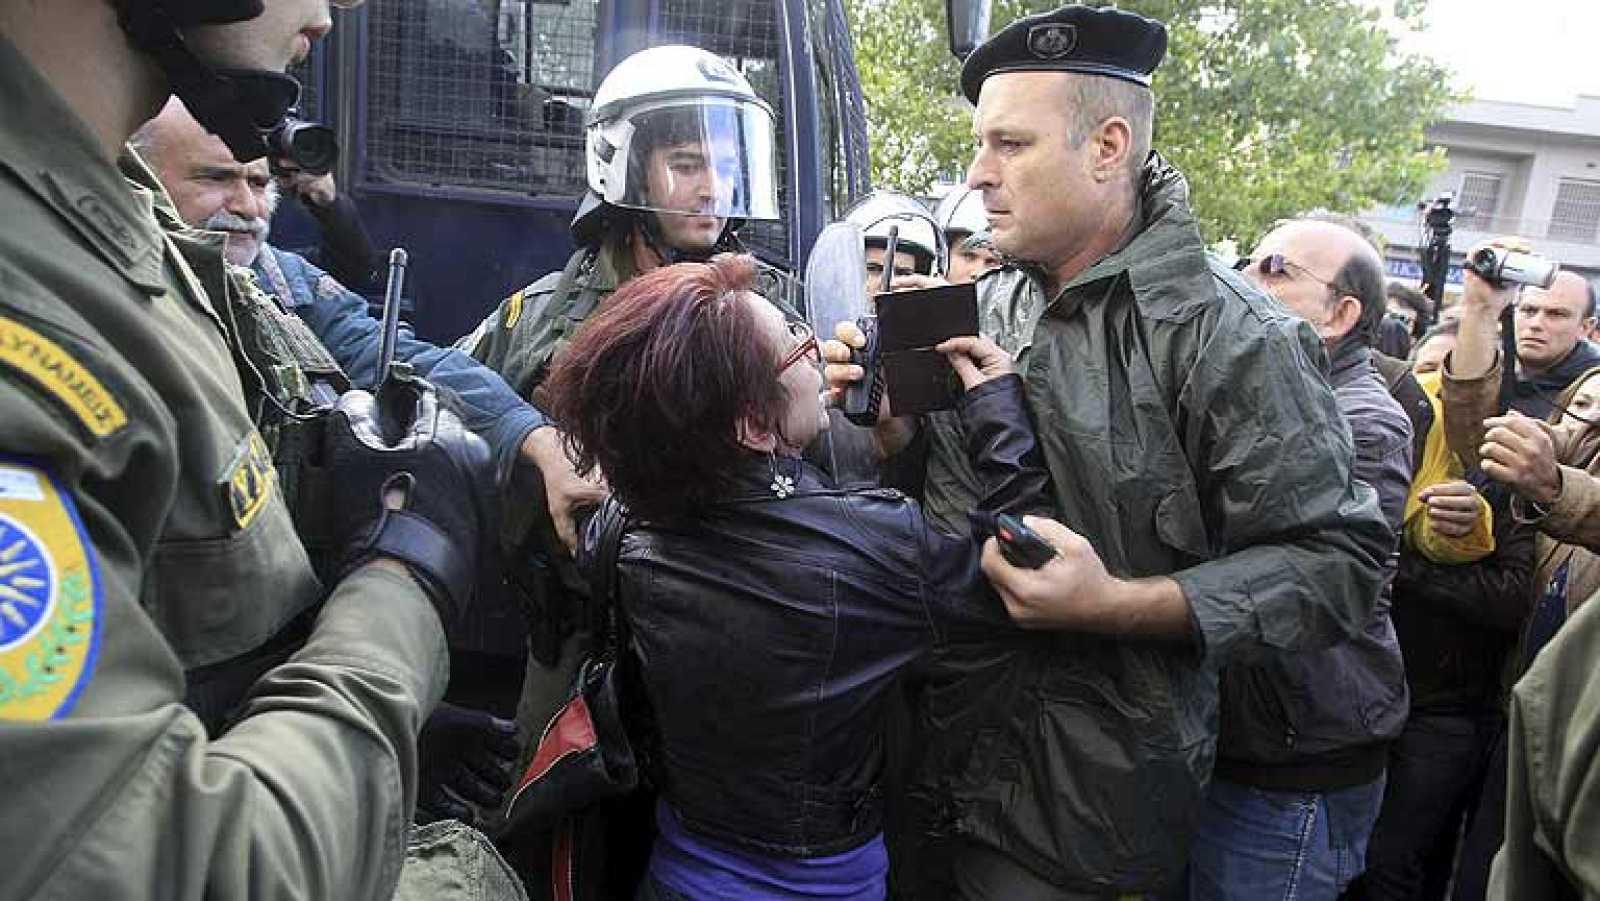 En Atenas,  la policia ha desalojado la sede de la radiotelevision pública griega que estaba  ocupada por los trabajadores. Las fuerzas de seguridad han entrado en todas las dependencias del edificio.